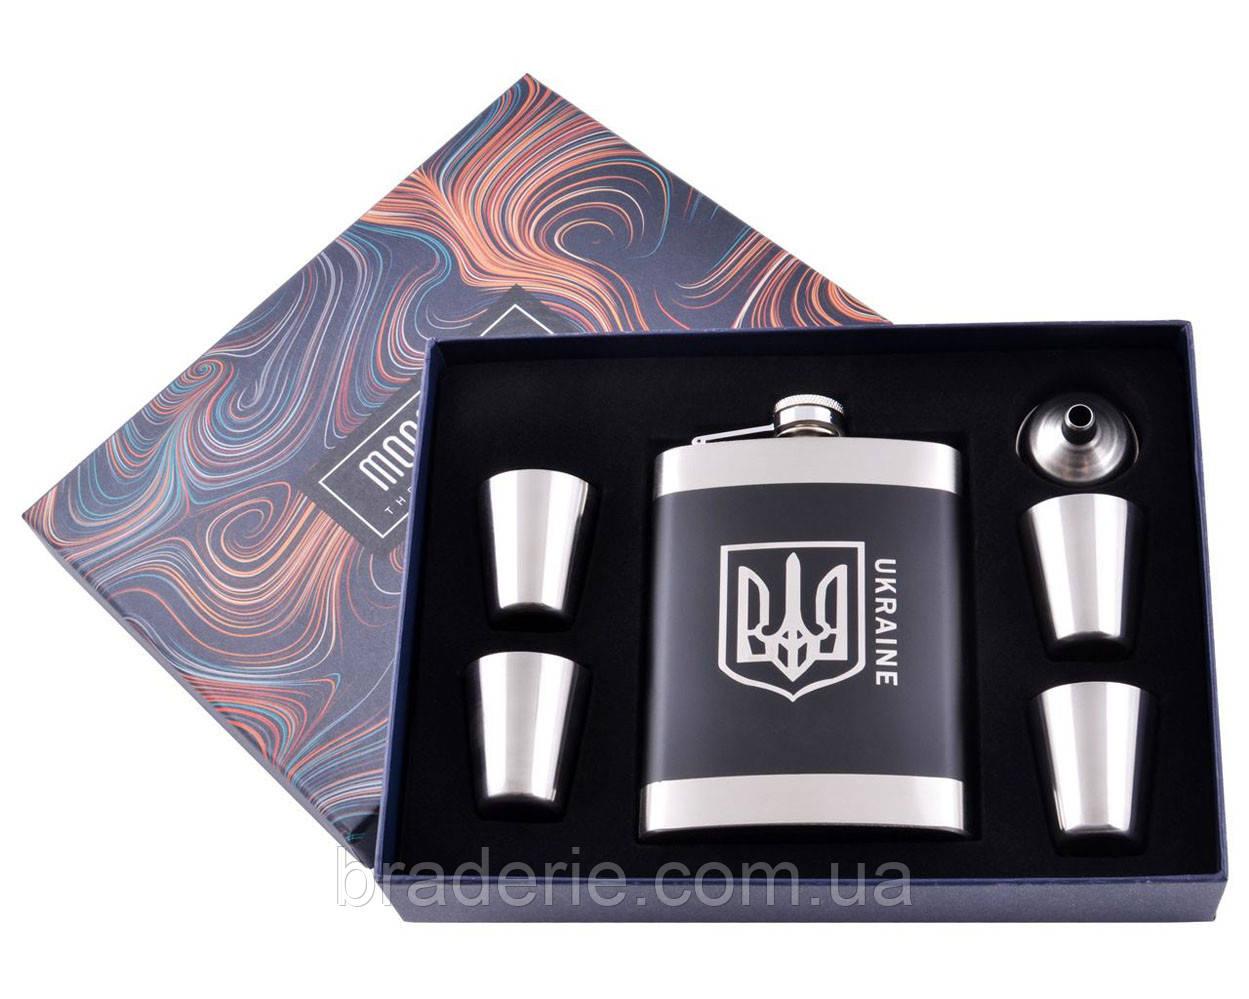 Подарочная фляга с рюмками WKL-1907 Украина